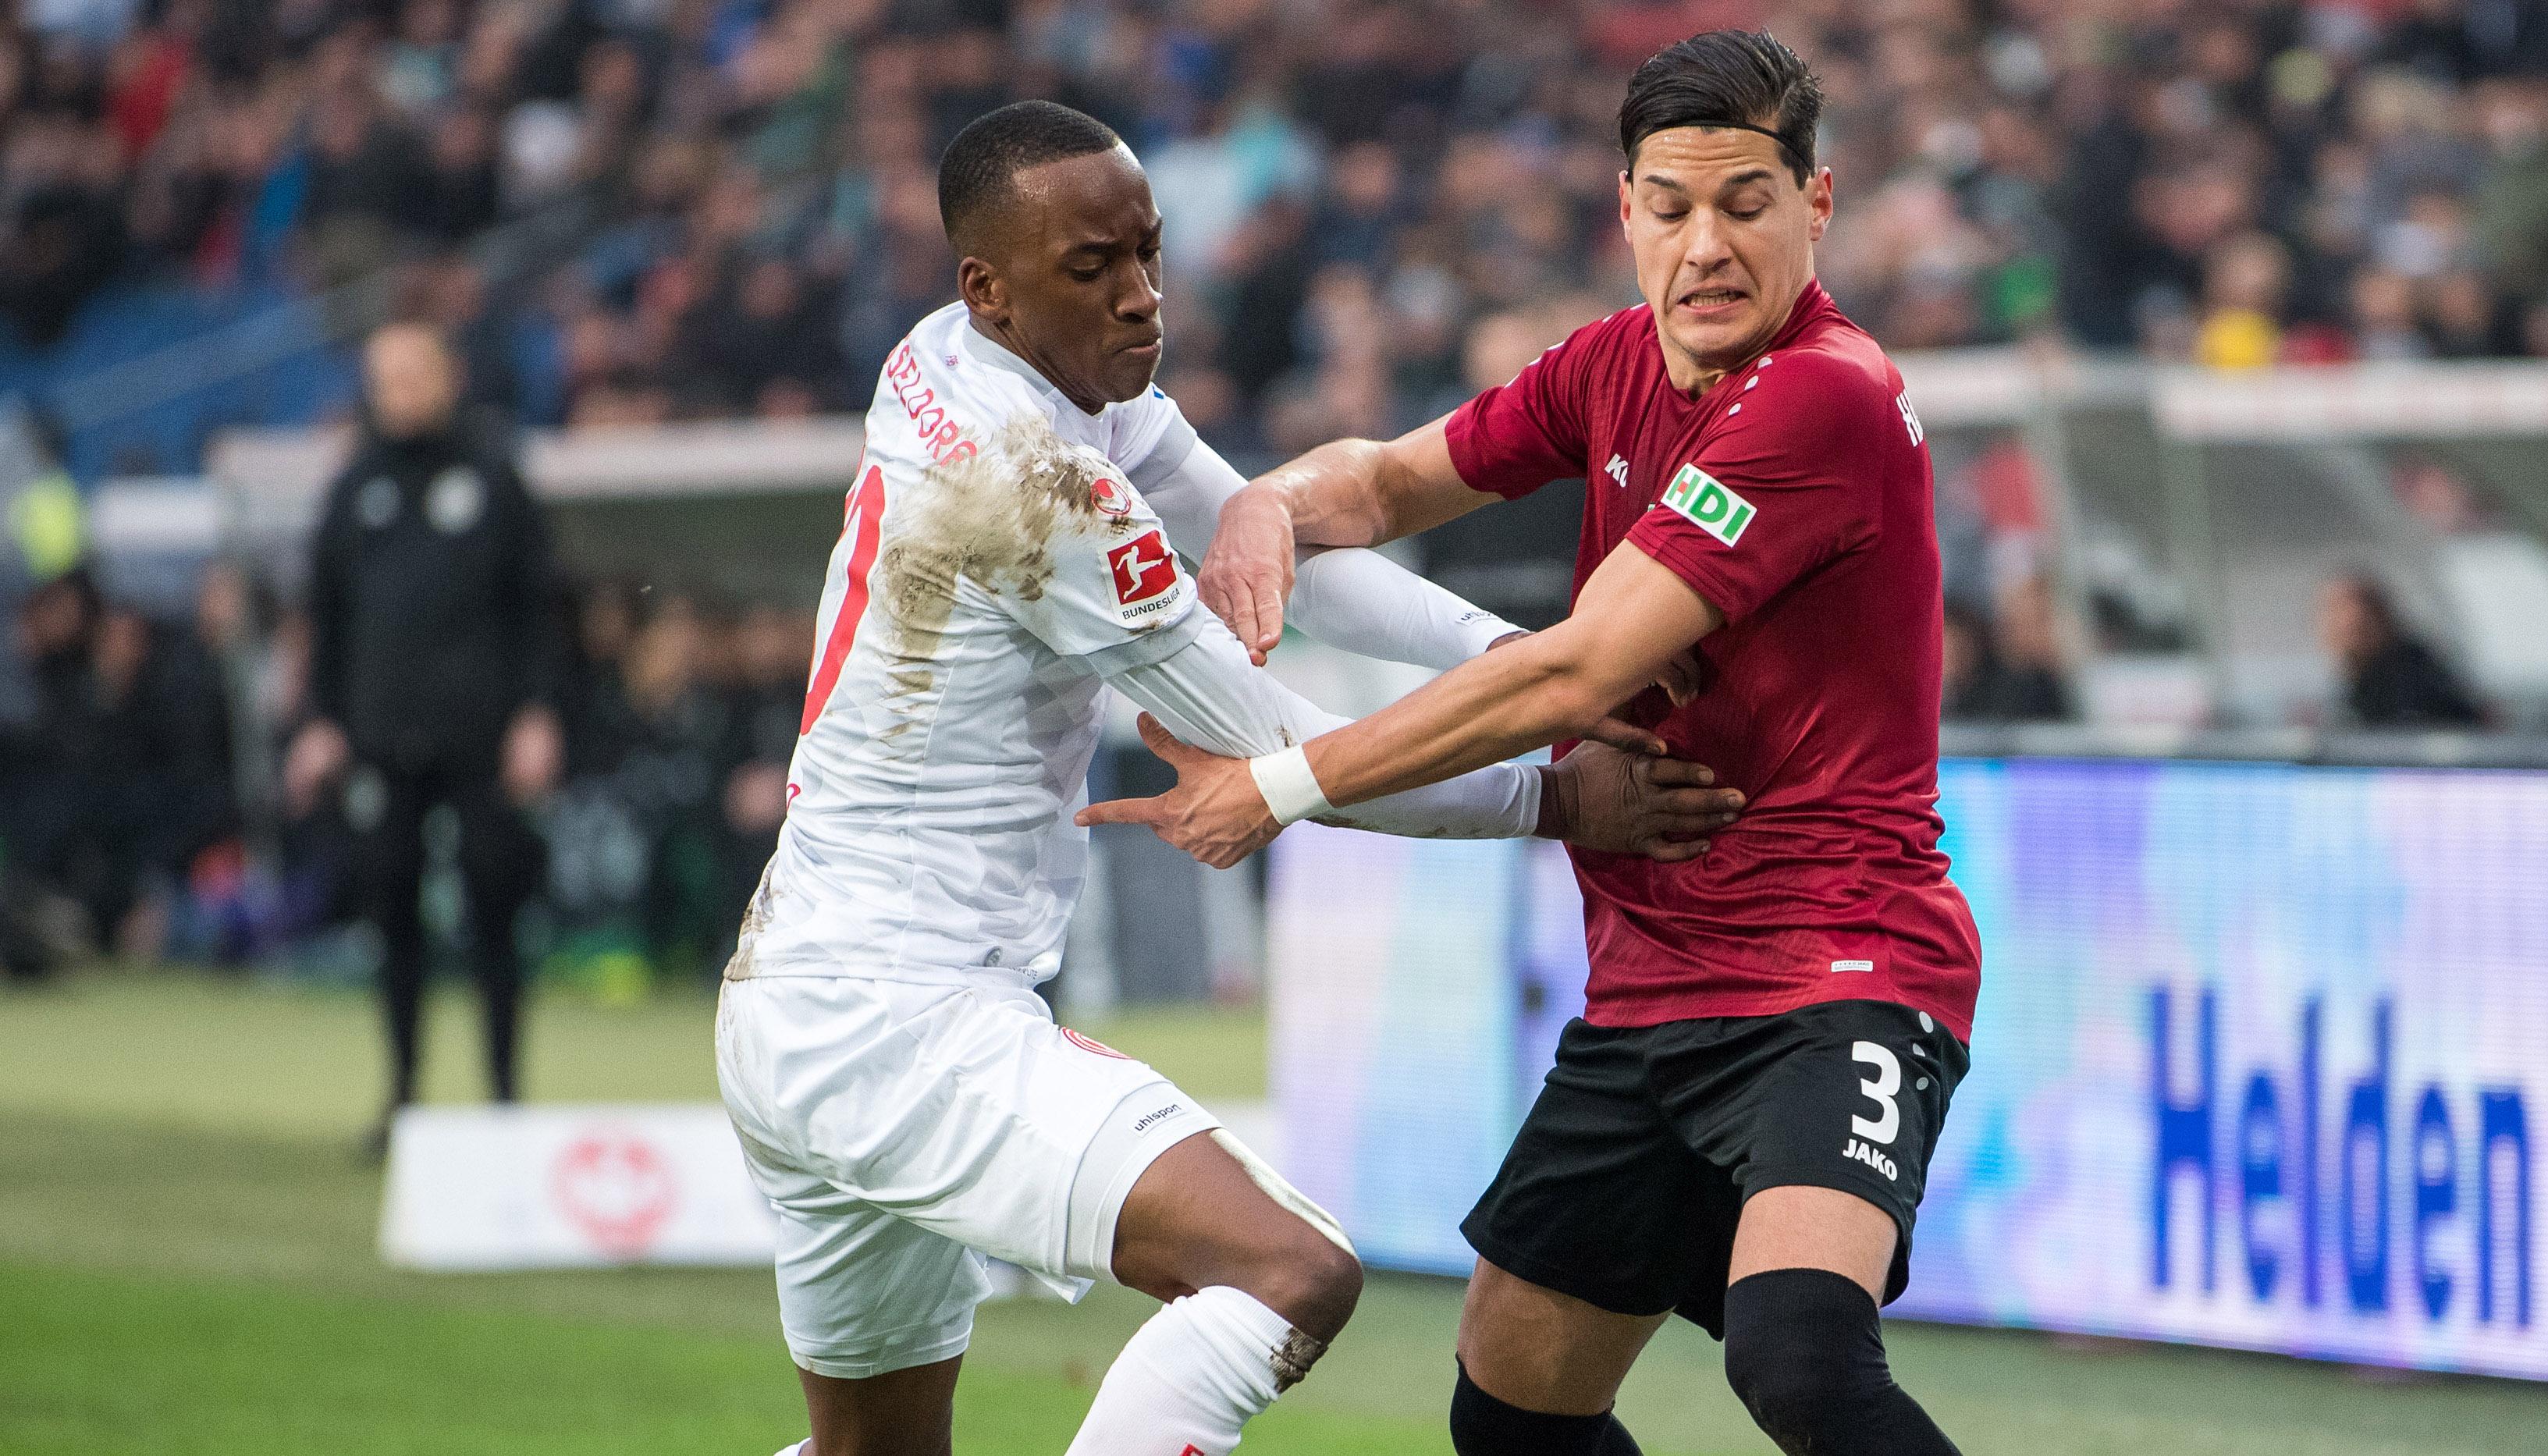 Fortuna Düsseldorf – Hannover 96: Ein guter Abschluss steht im Vordergrund